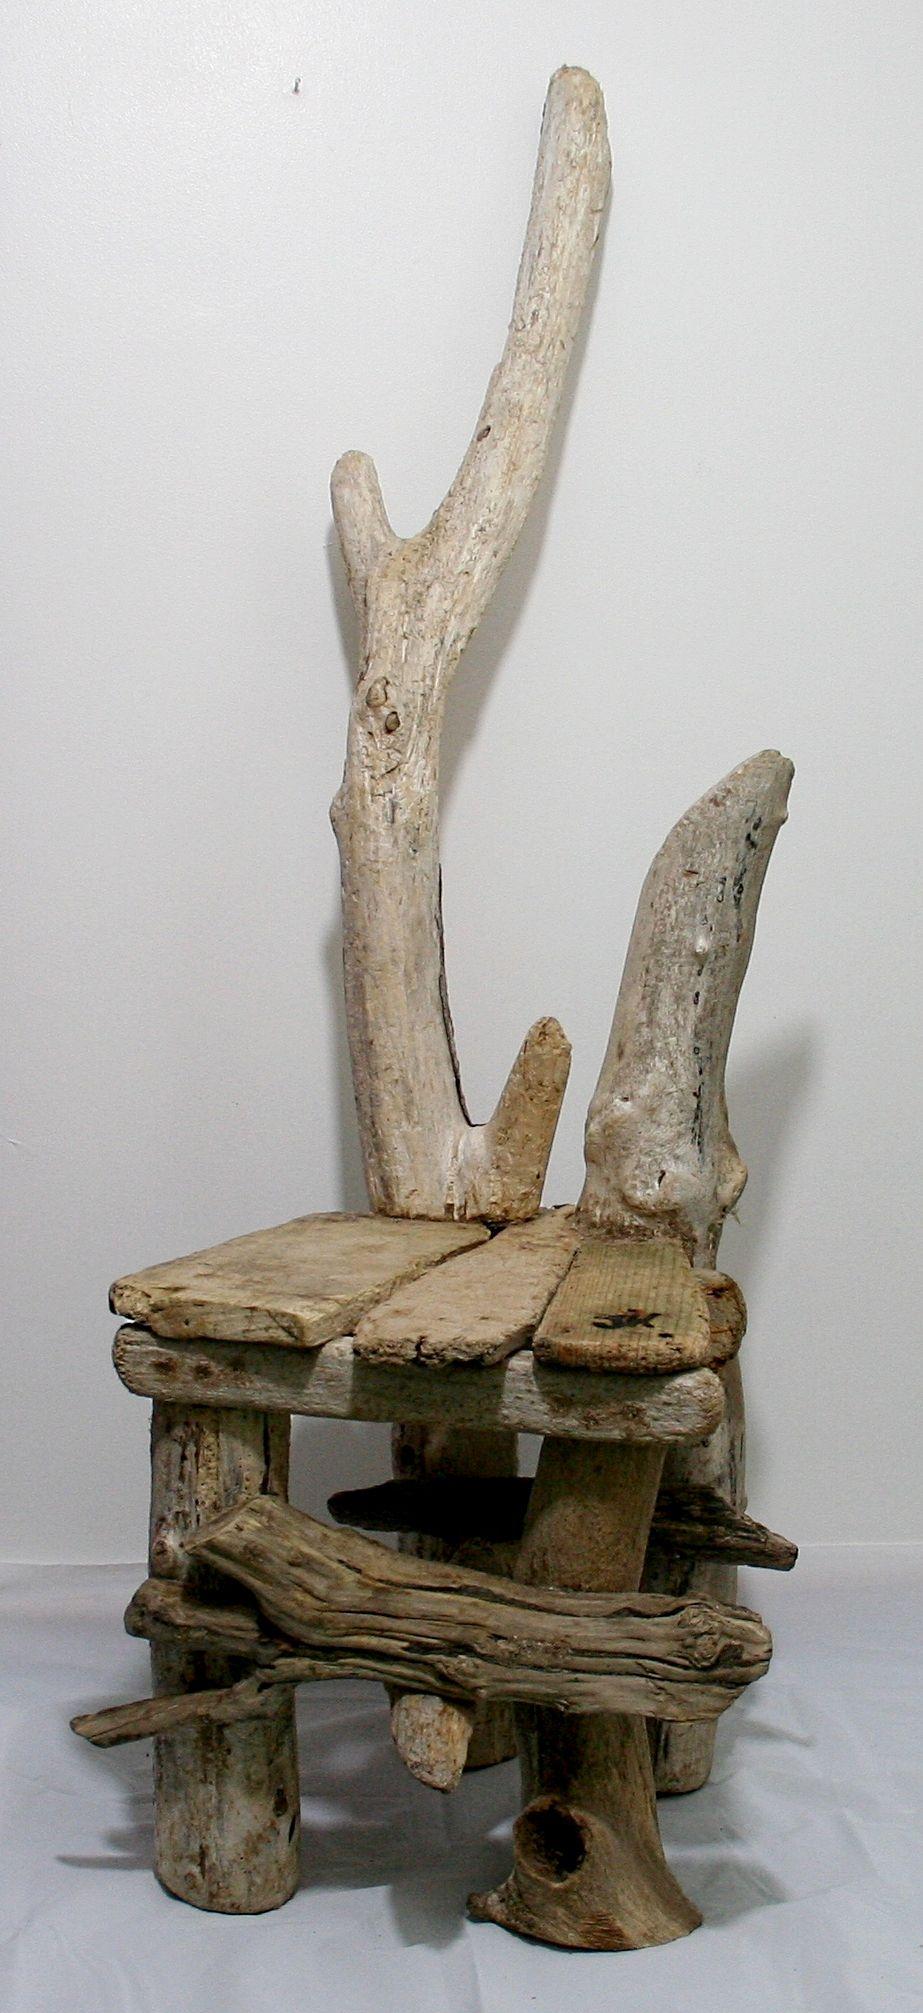 Mingoose Driftwood Chair Driftwood Crafts Driftwood